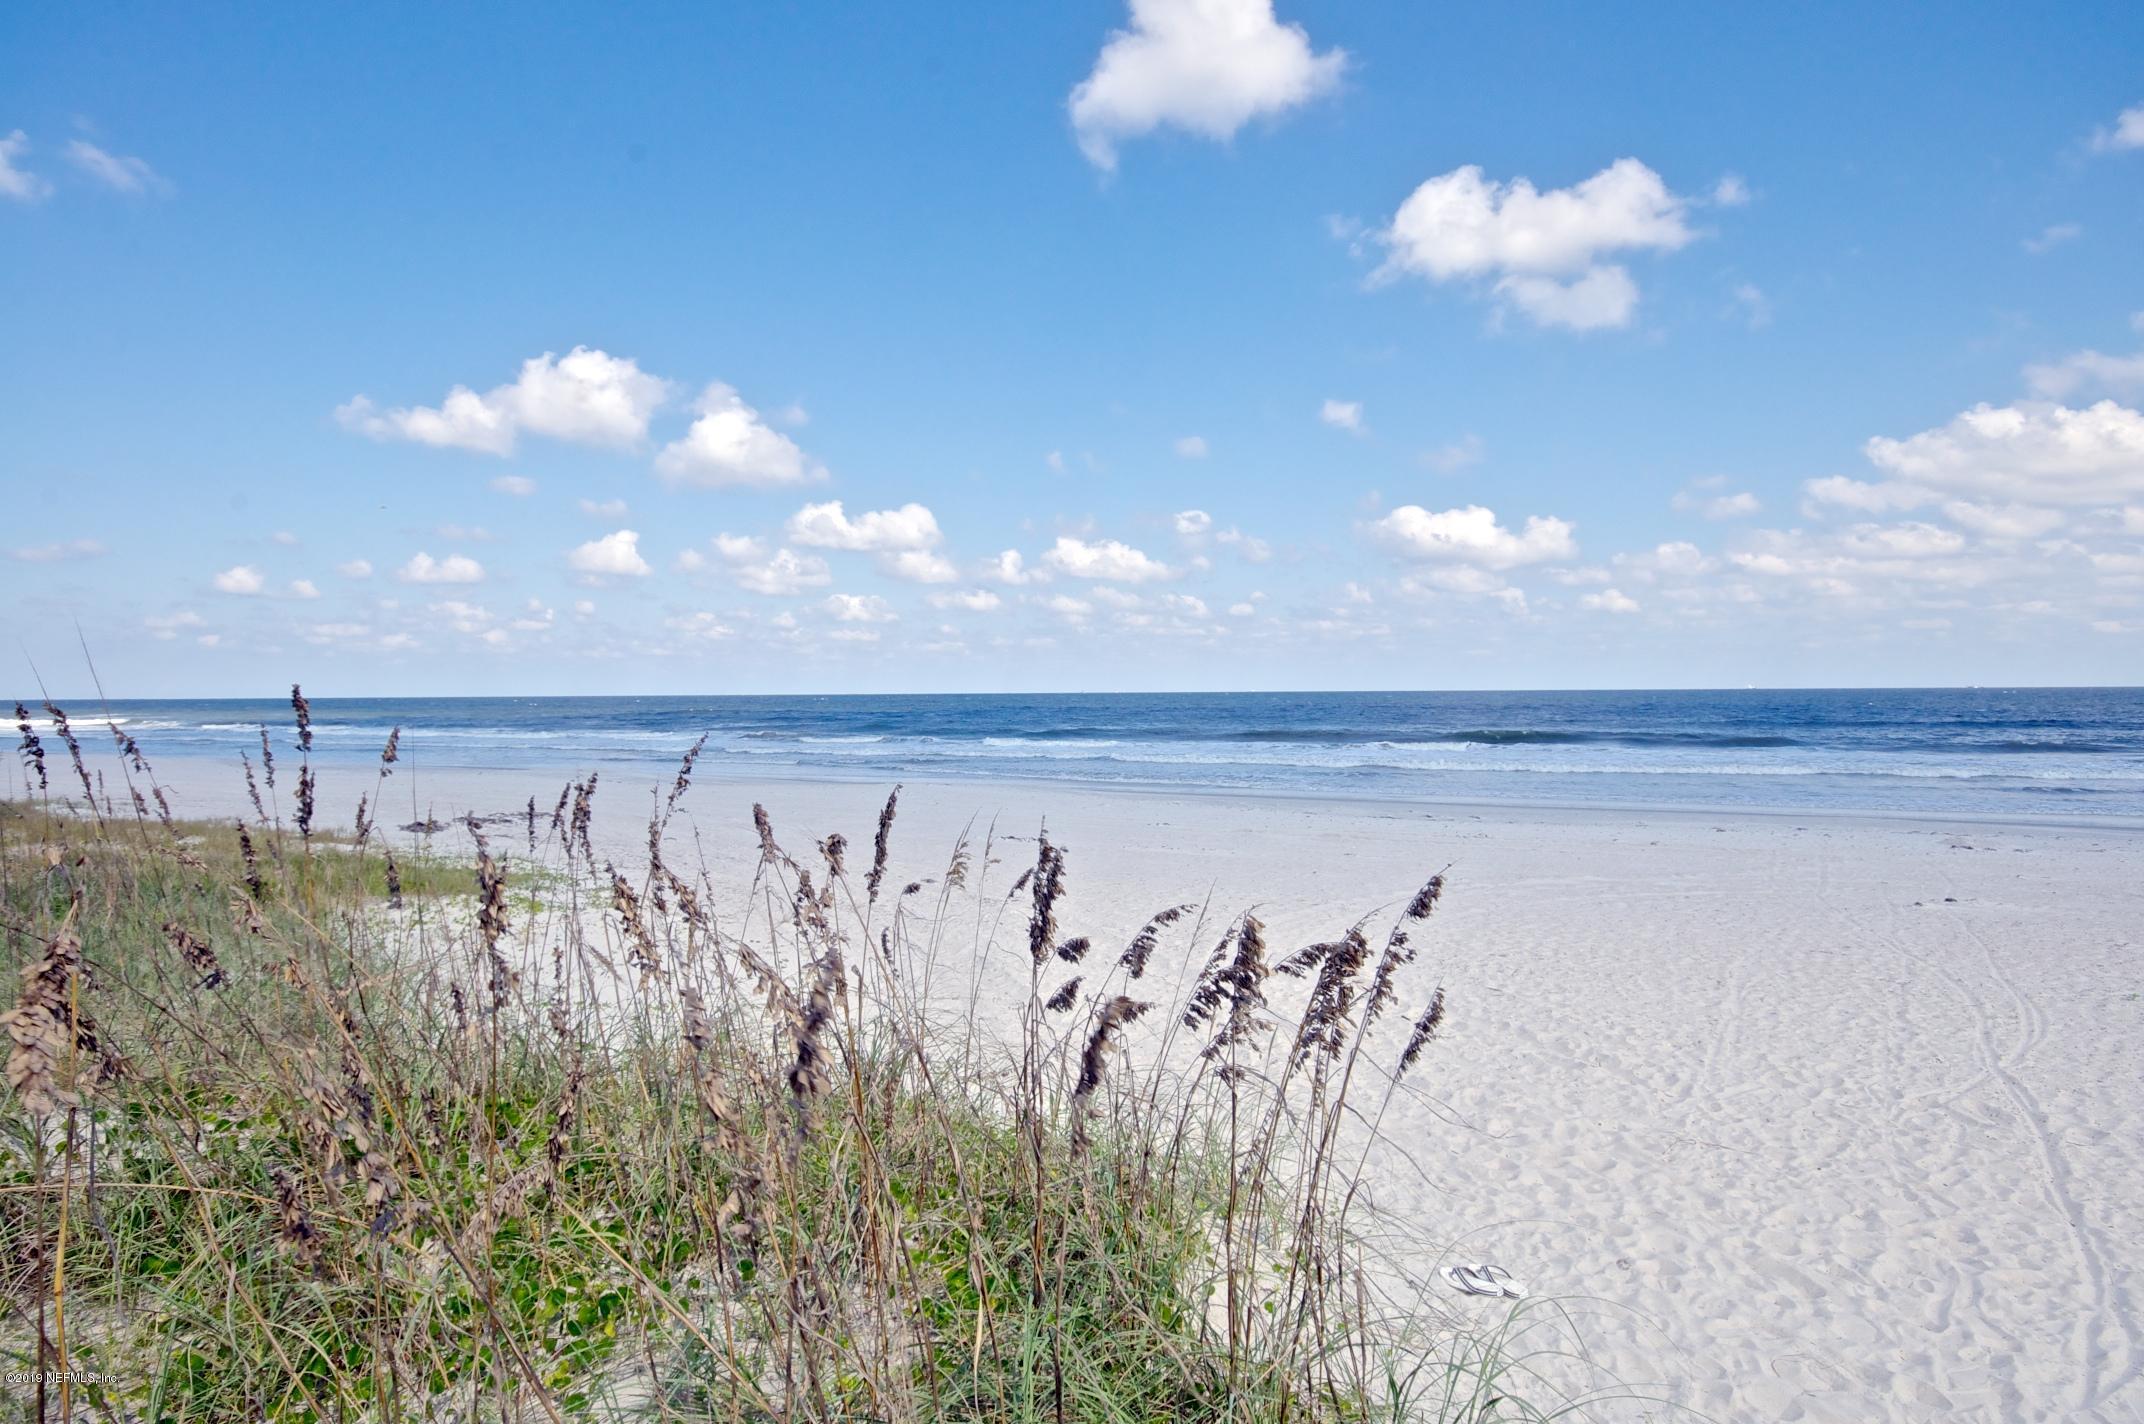 137 PONTE VEDRA COLONY, PONTE VEDRA BEACH, FLORIDA 32082, 3 Bedrooms Bedrooms, ,2 BathroomsBathrooms,Condo,For sale,PONTE VEDRA COLONY,1017373